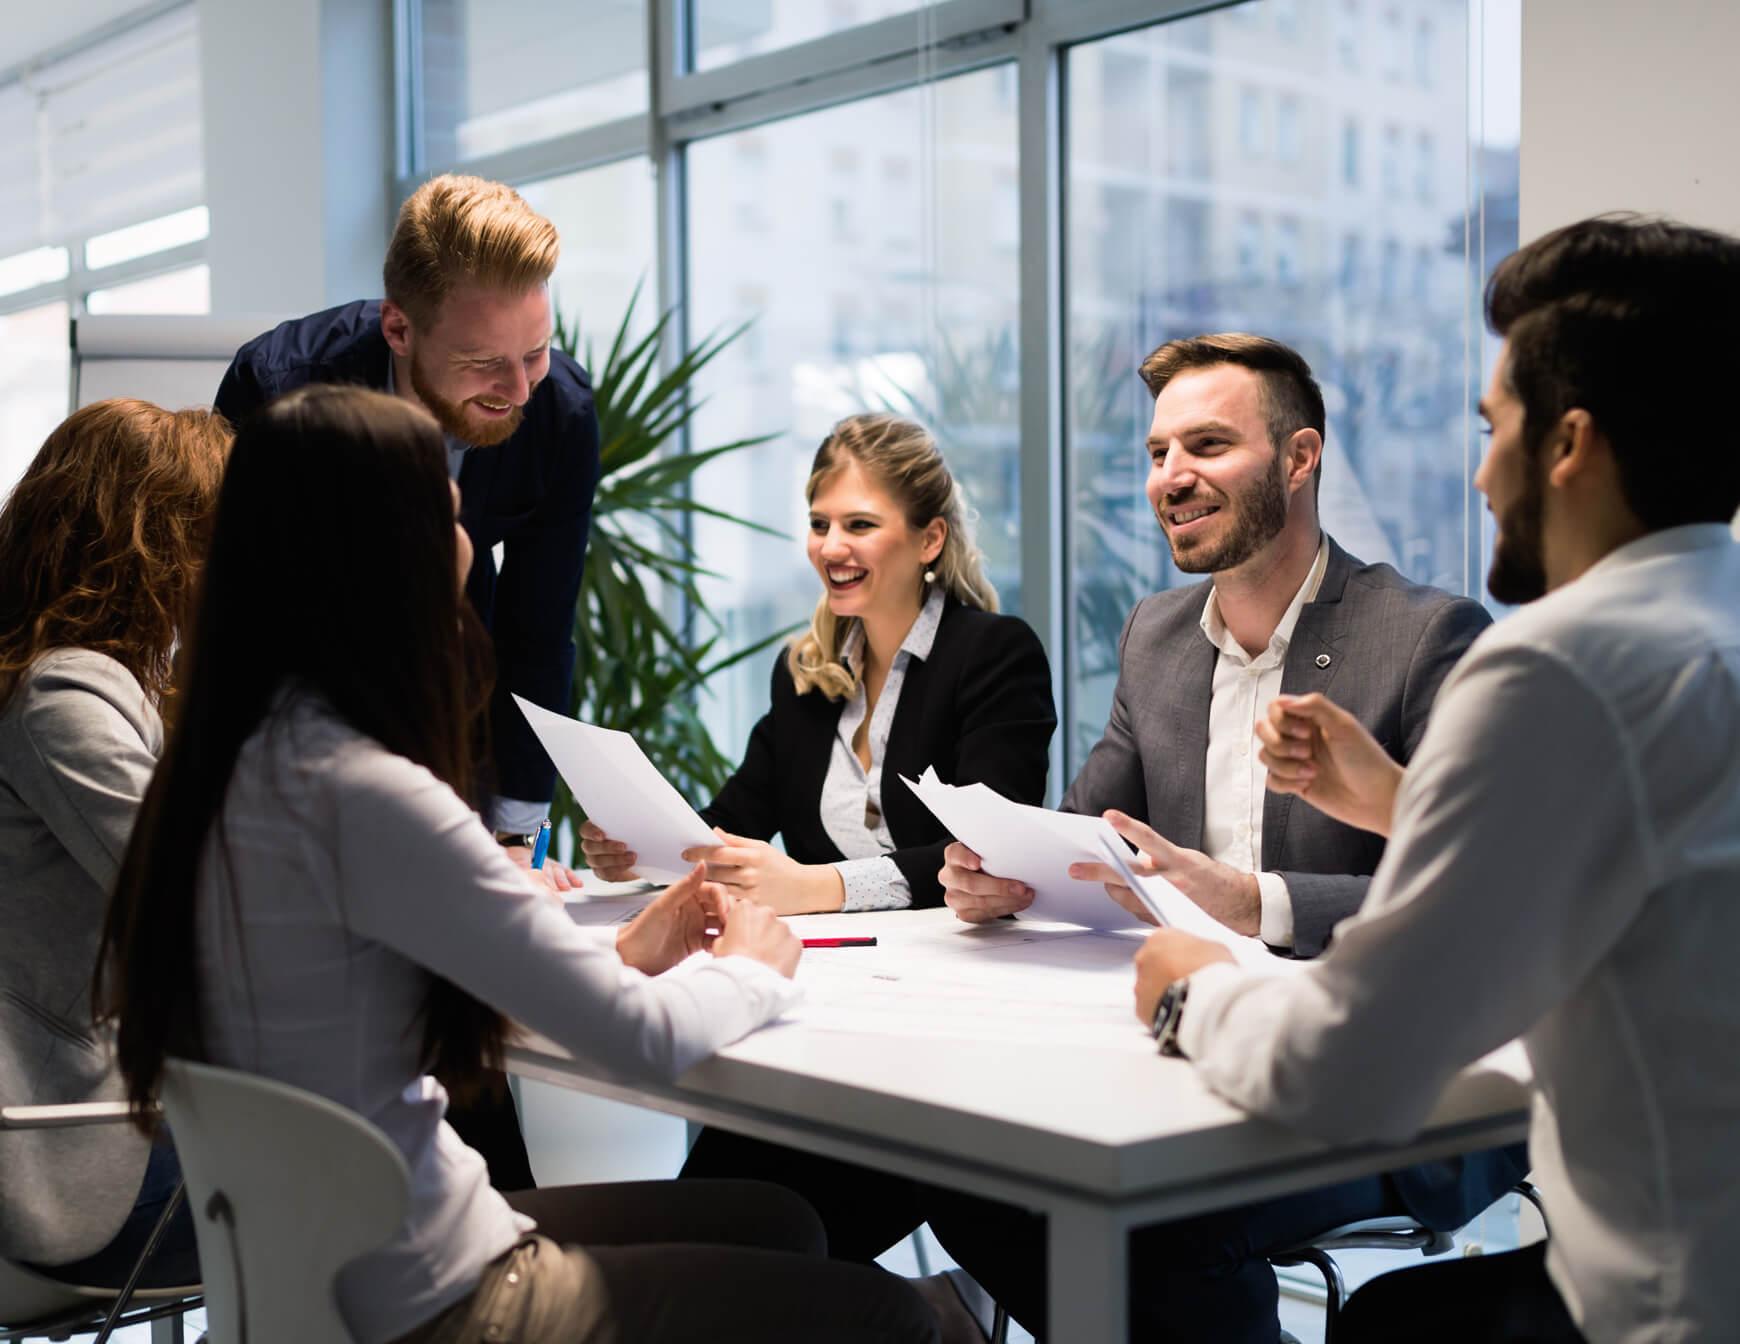 Optimisez votre entreprise et votre expérience client avec Avast